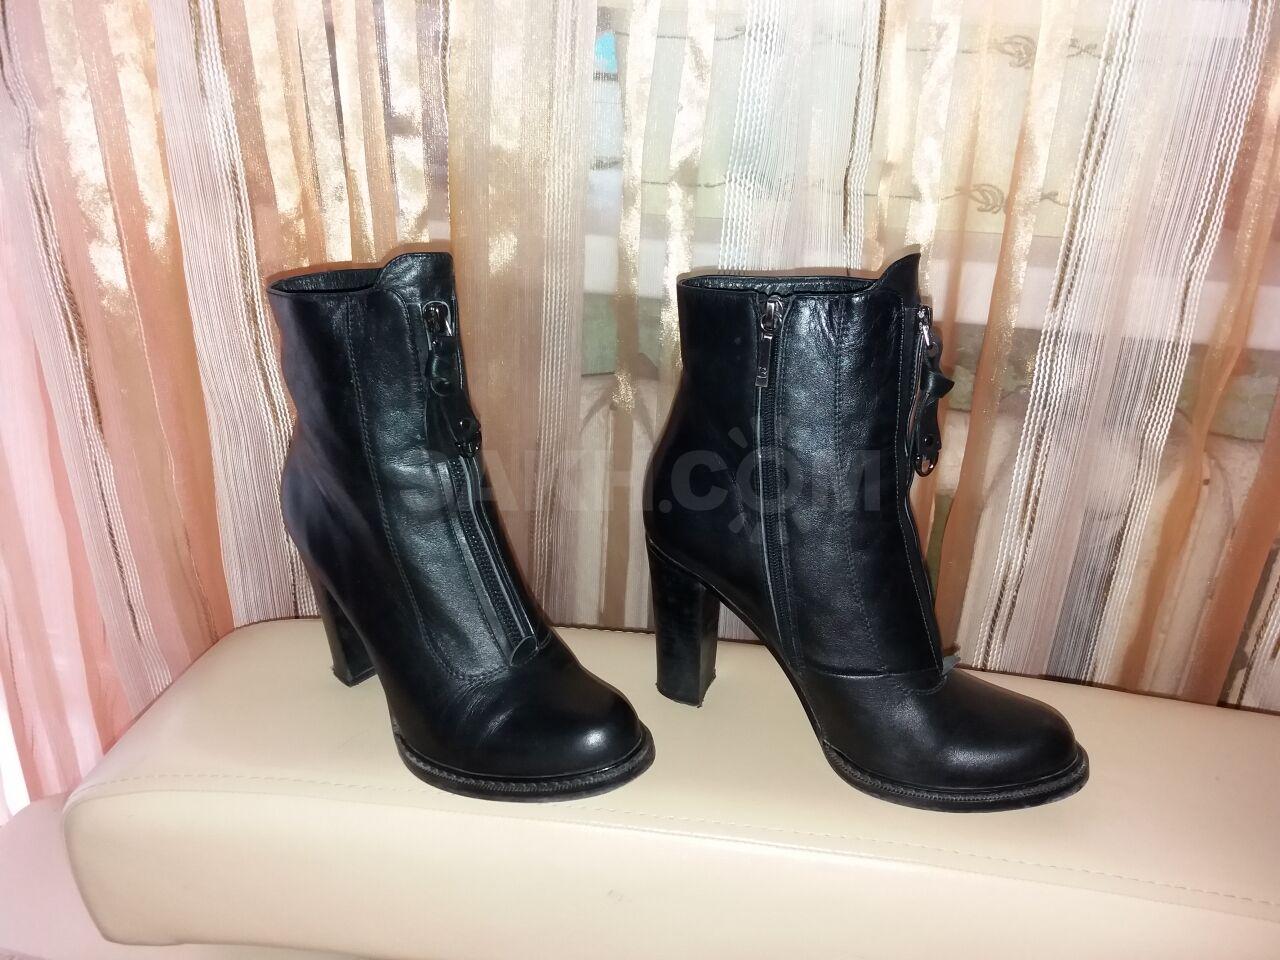 47e20642b5c7 Осенние ботильоны. Одежда, обувь и аксессуары. Женская обувь ...